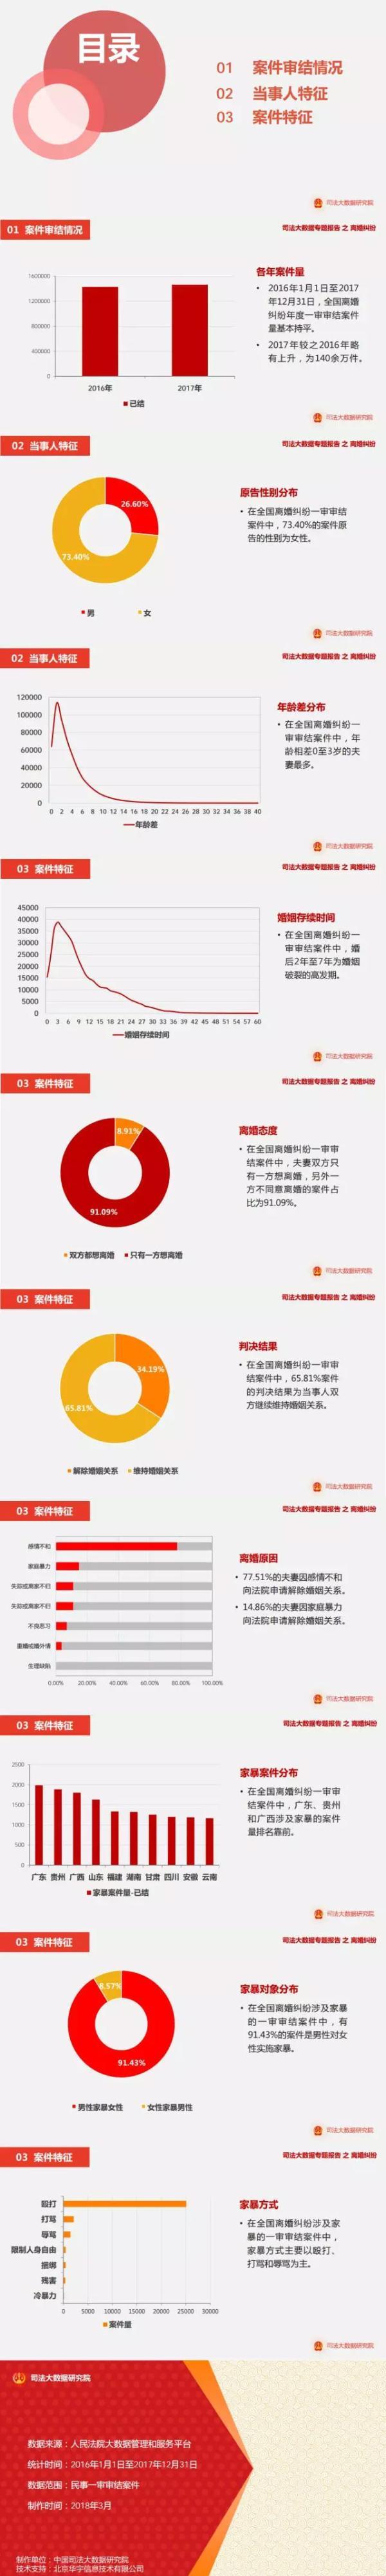 离婚涉家暴案超9成系男性对女性施暴 广东最多